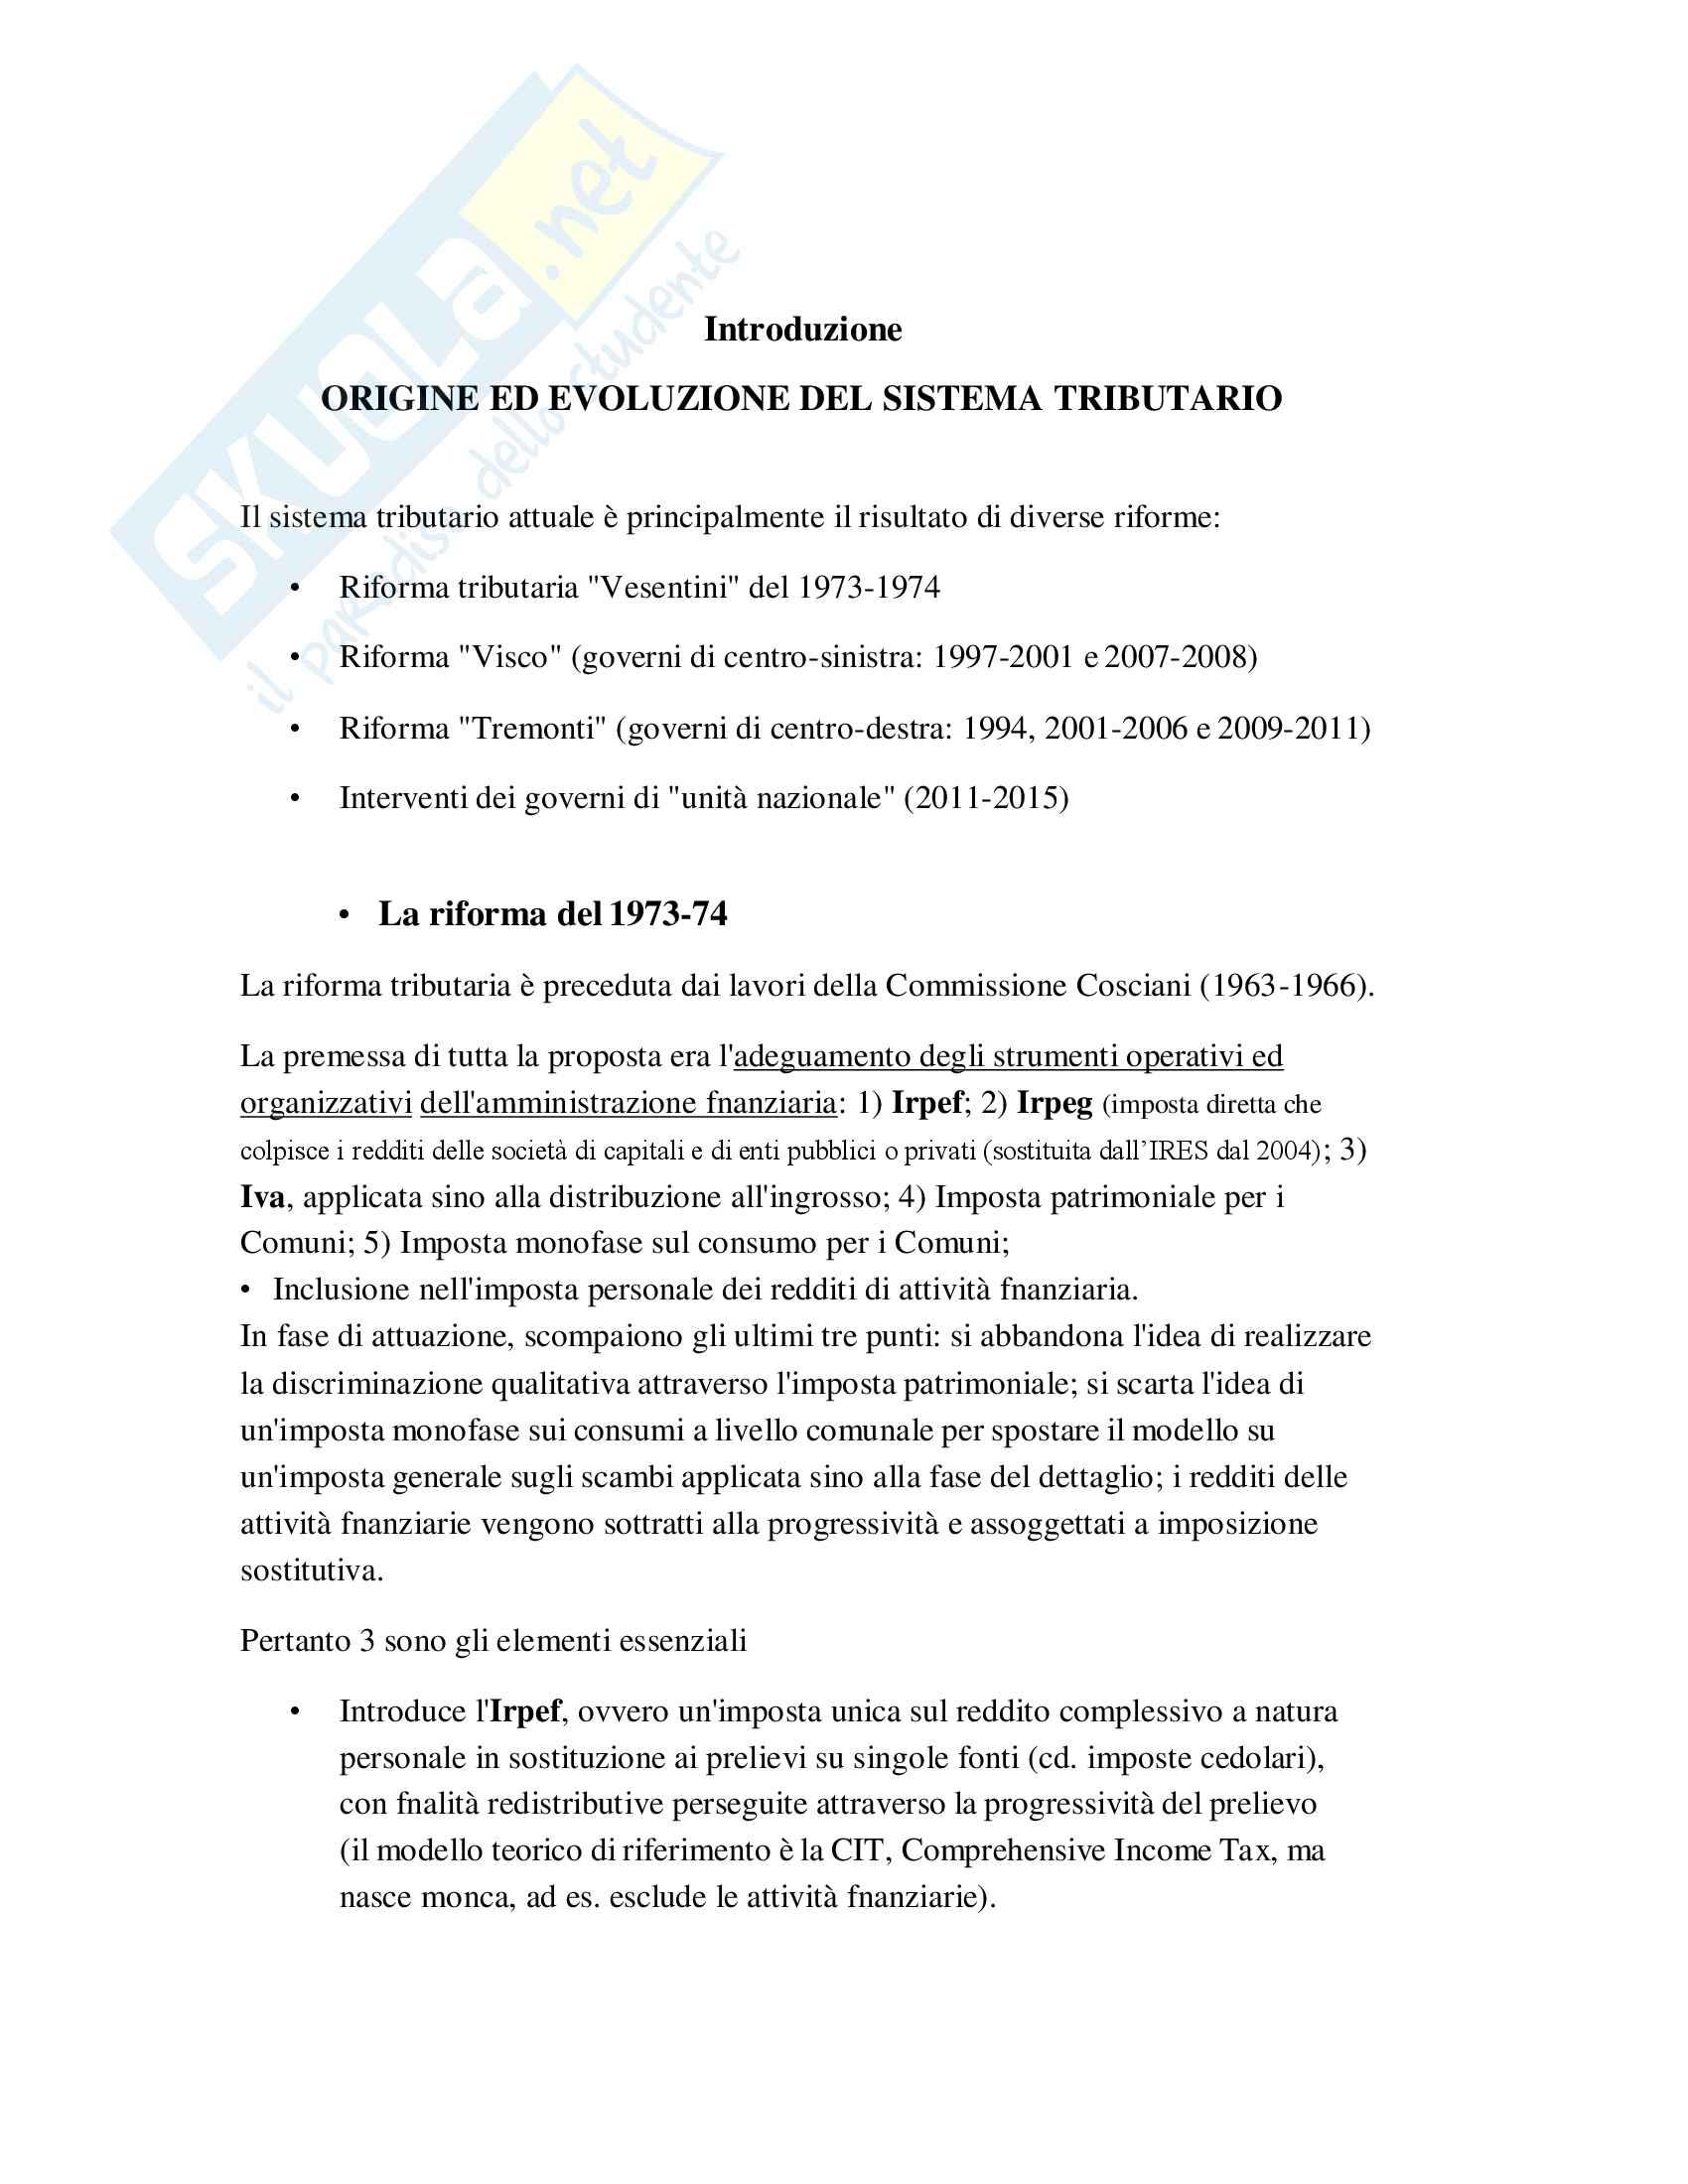 Riassunto Tributi economia italiana, esame di scienza delle finanze, prof Baldini, libro consigliato P. Bosi, M. C. Guerra: I tributi nell'economia italiana